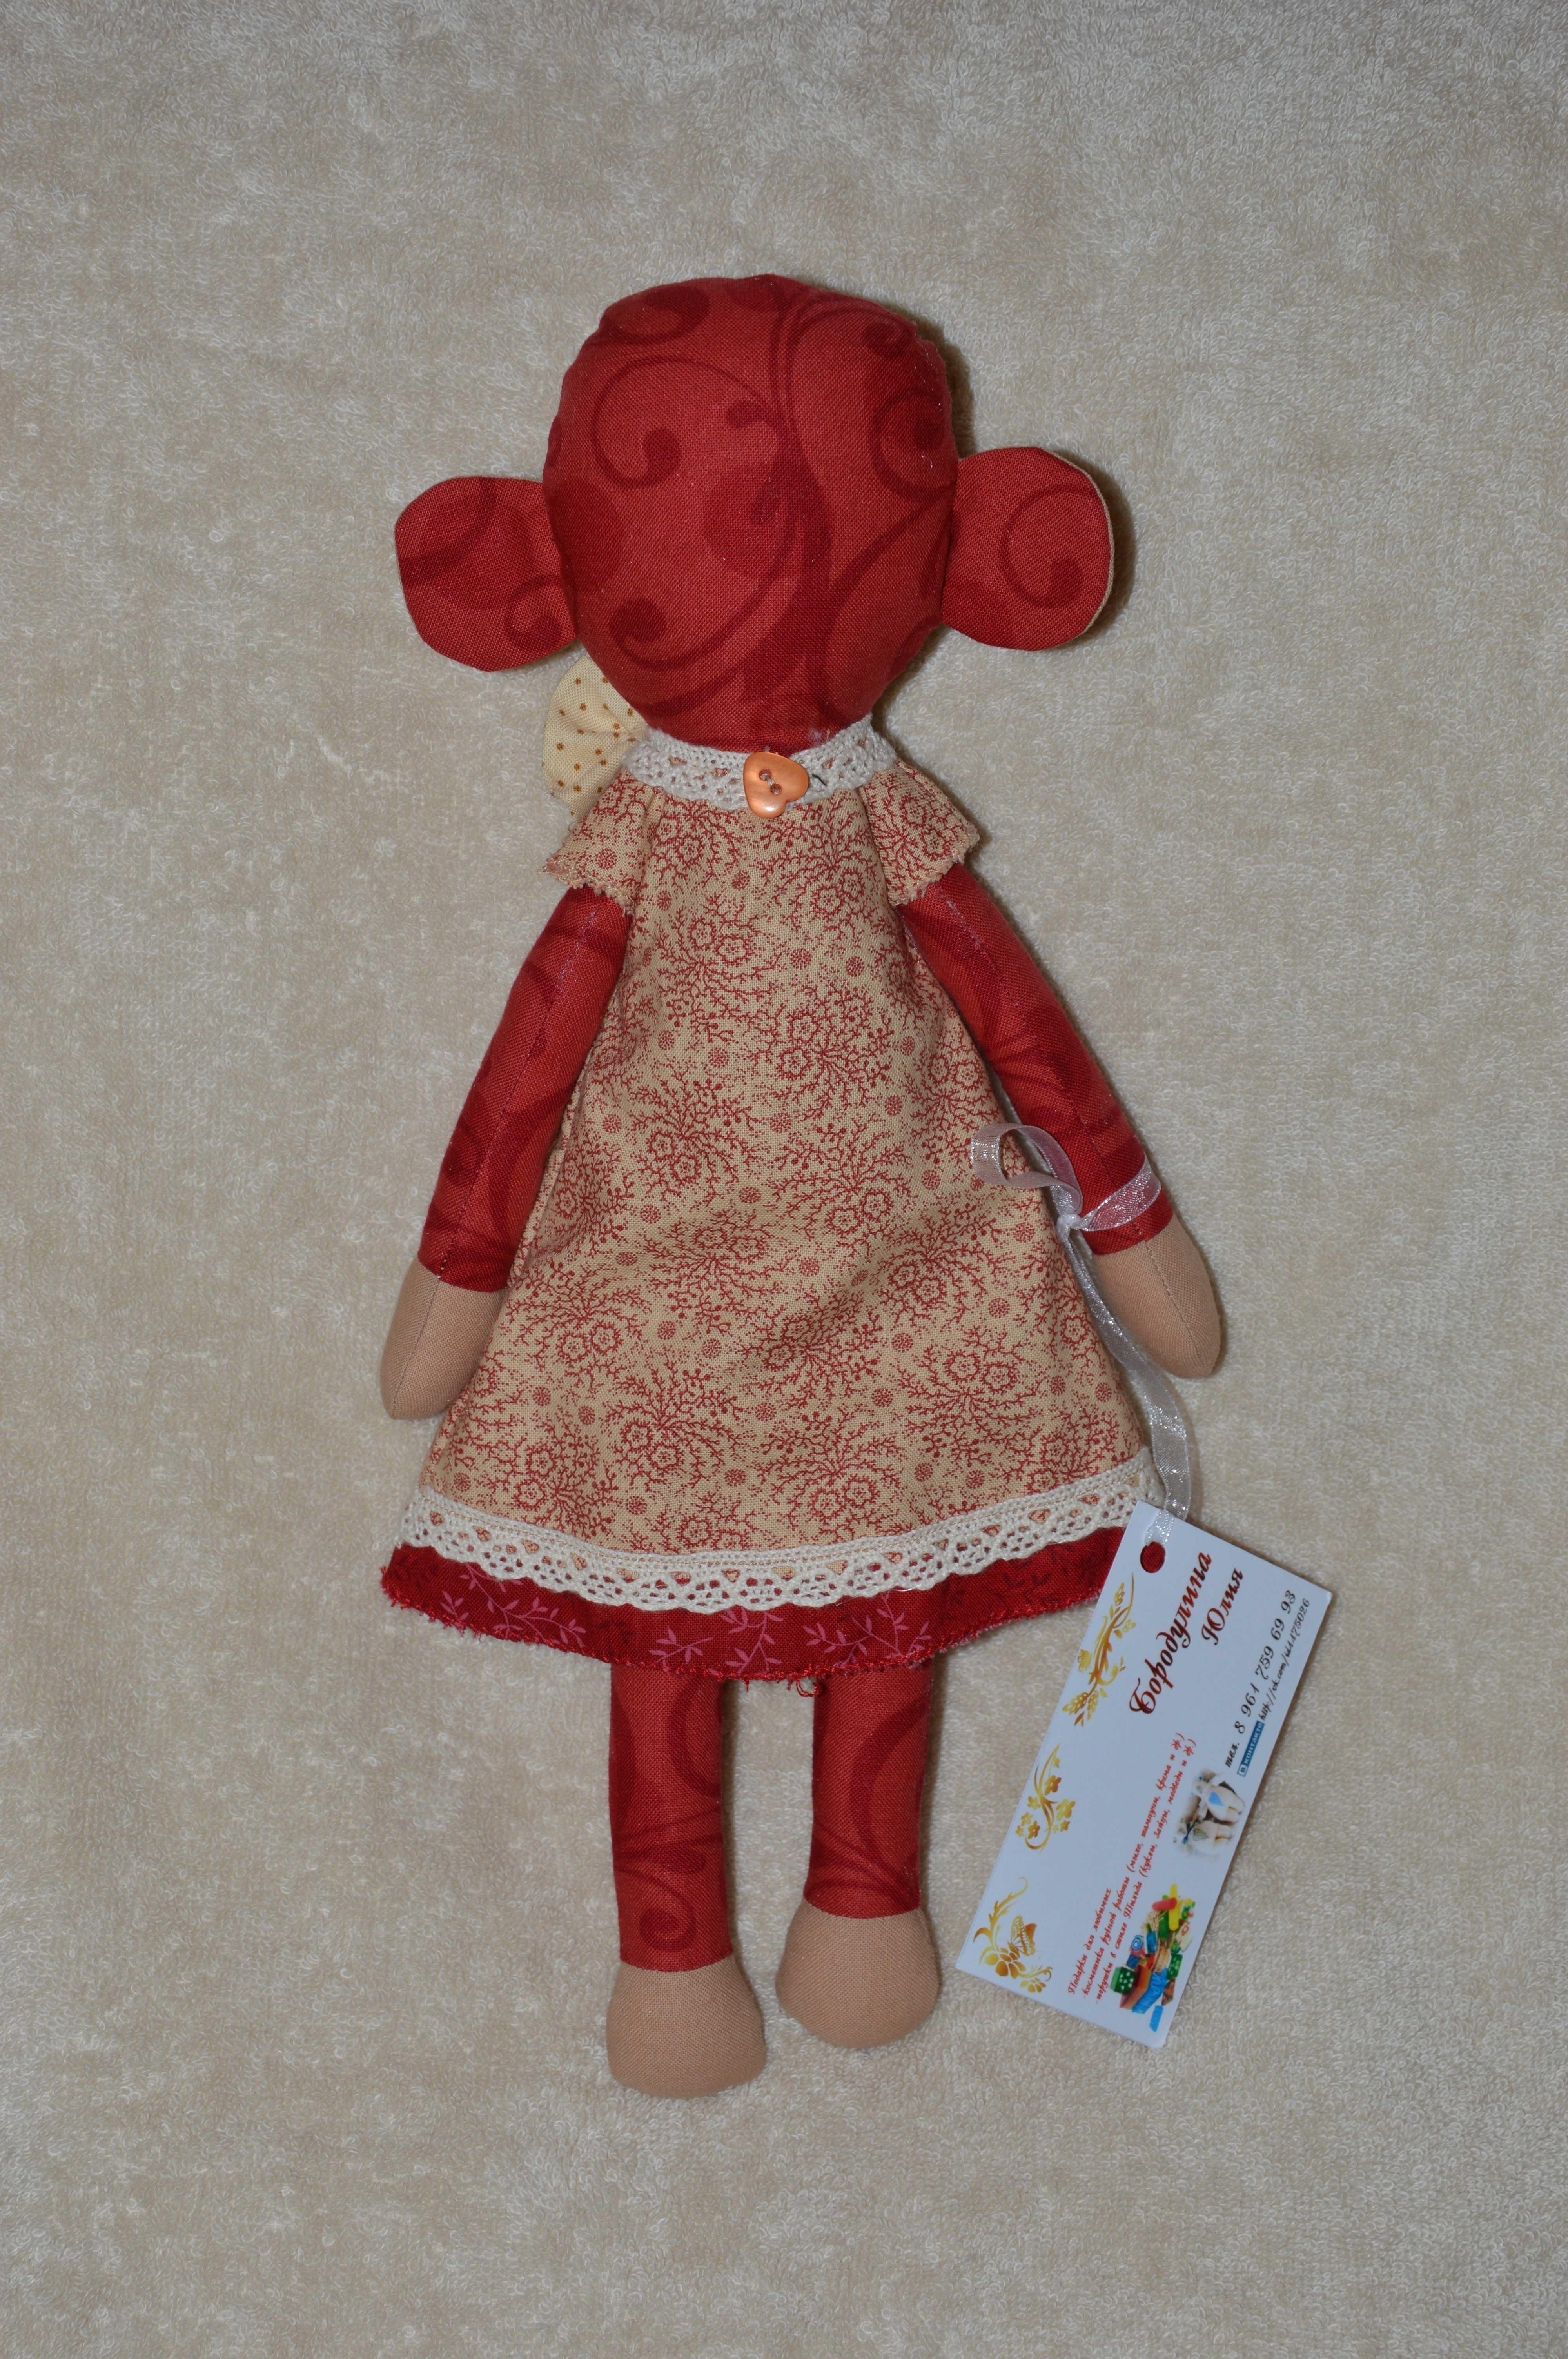 интерьерная огненная обезьяна игрушка пермь год новый красный стиле тильда подарок в